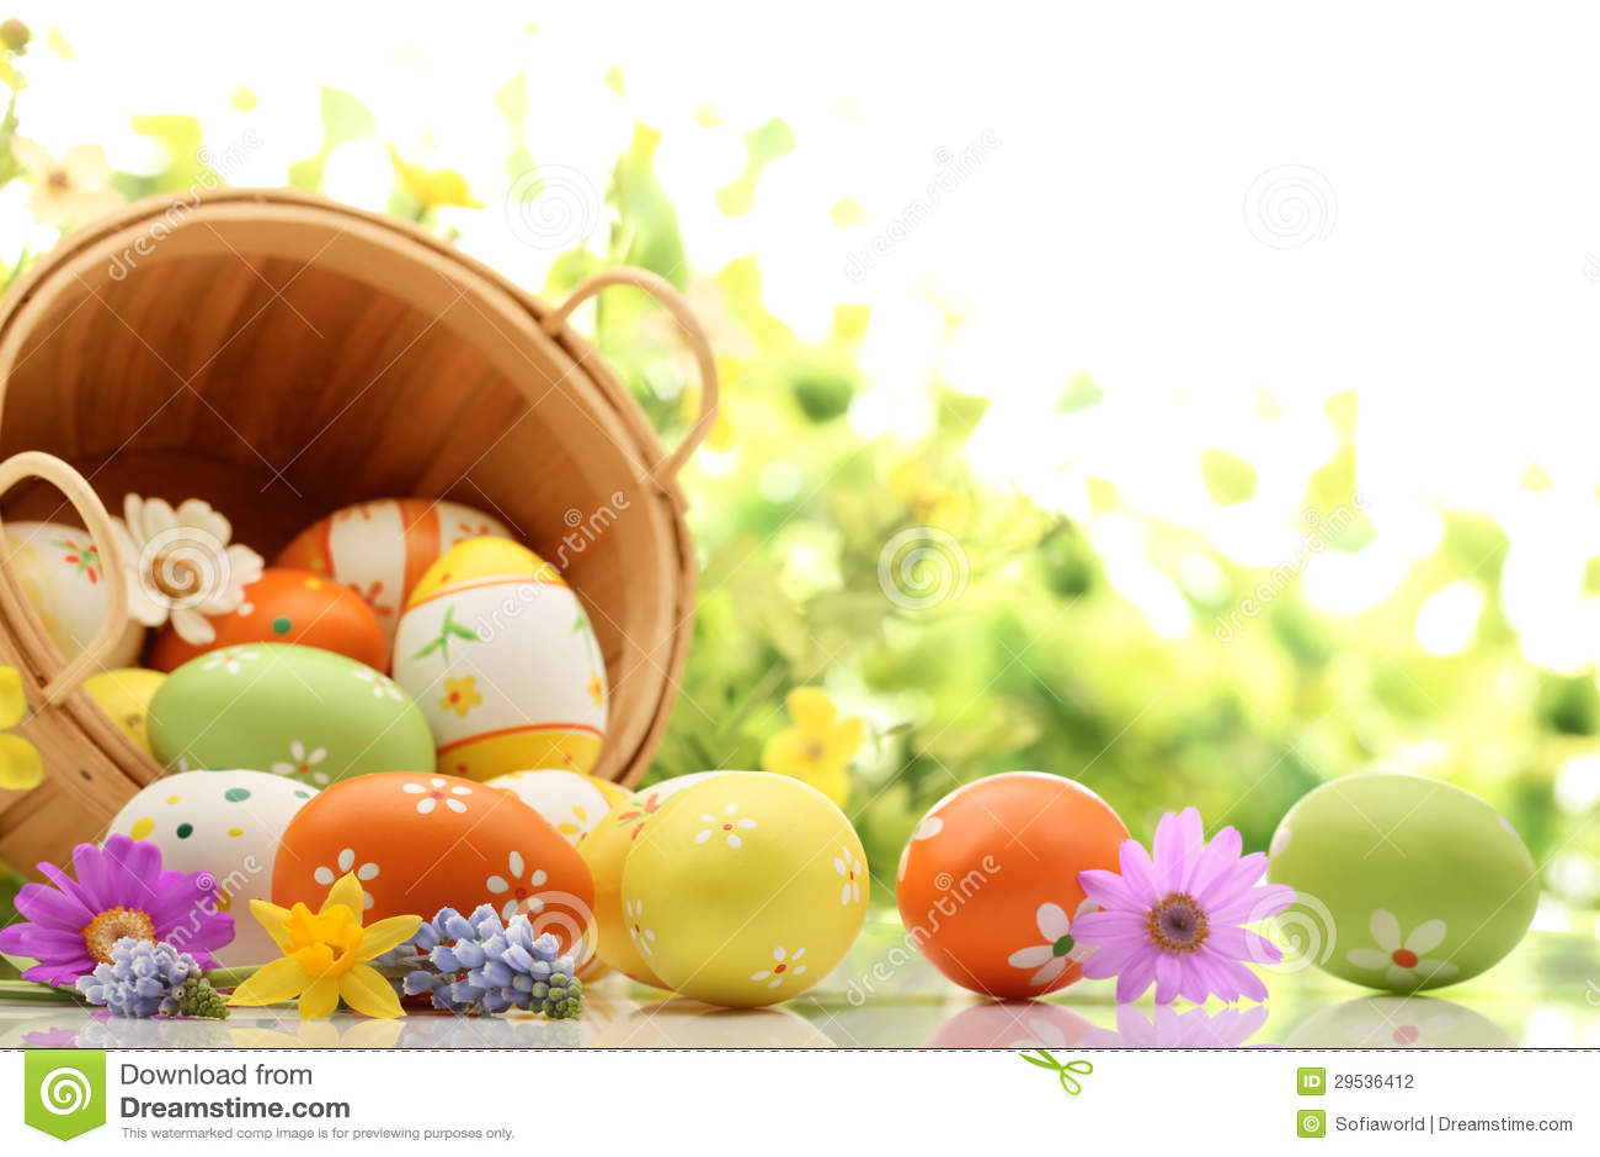 De Decoratie van Pasen